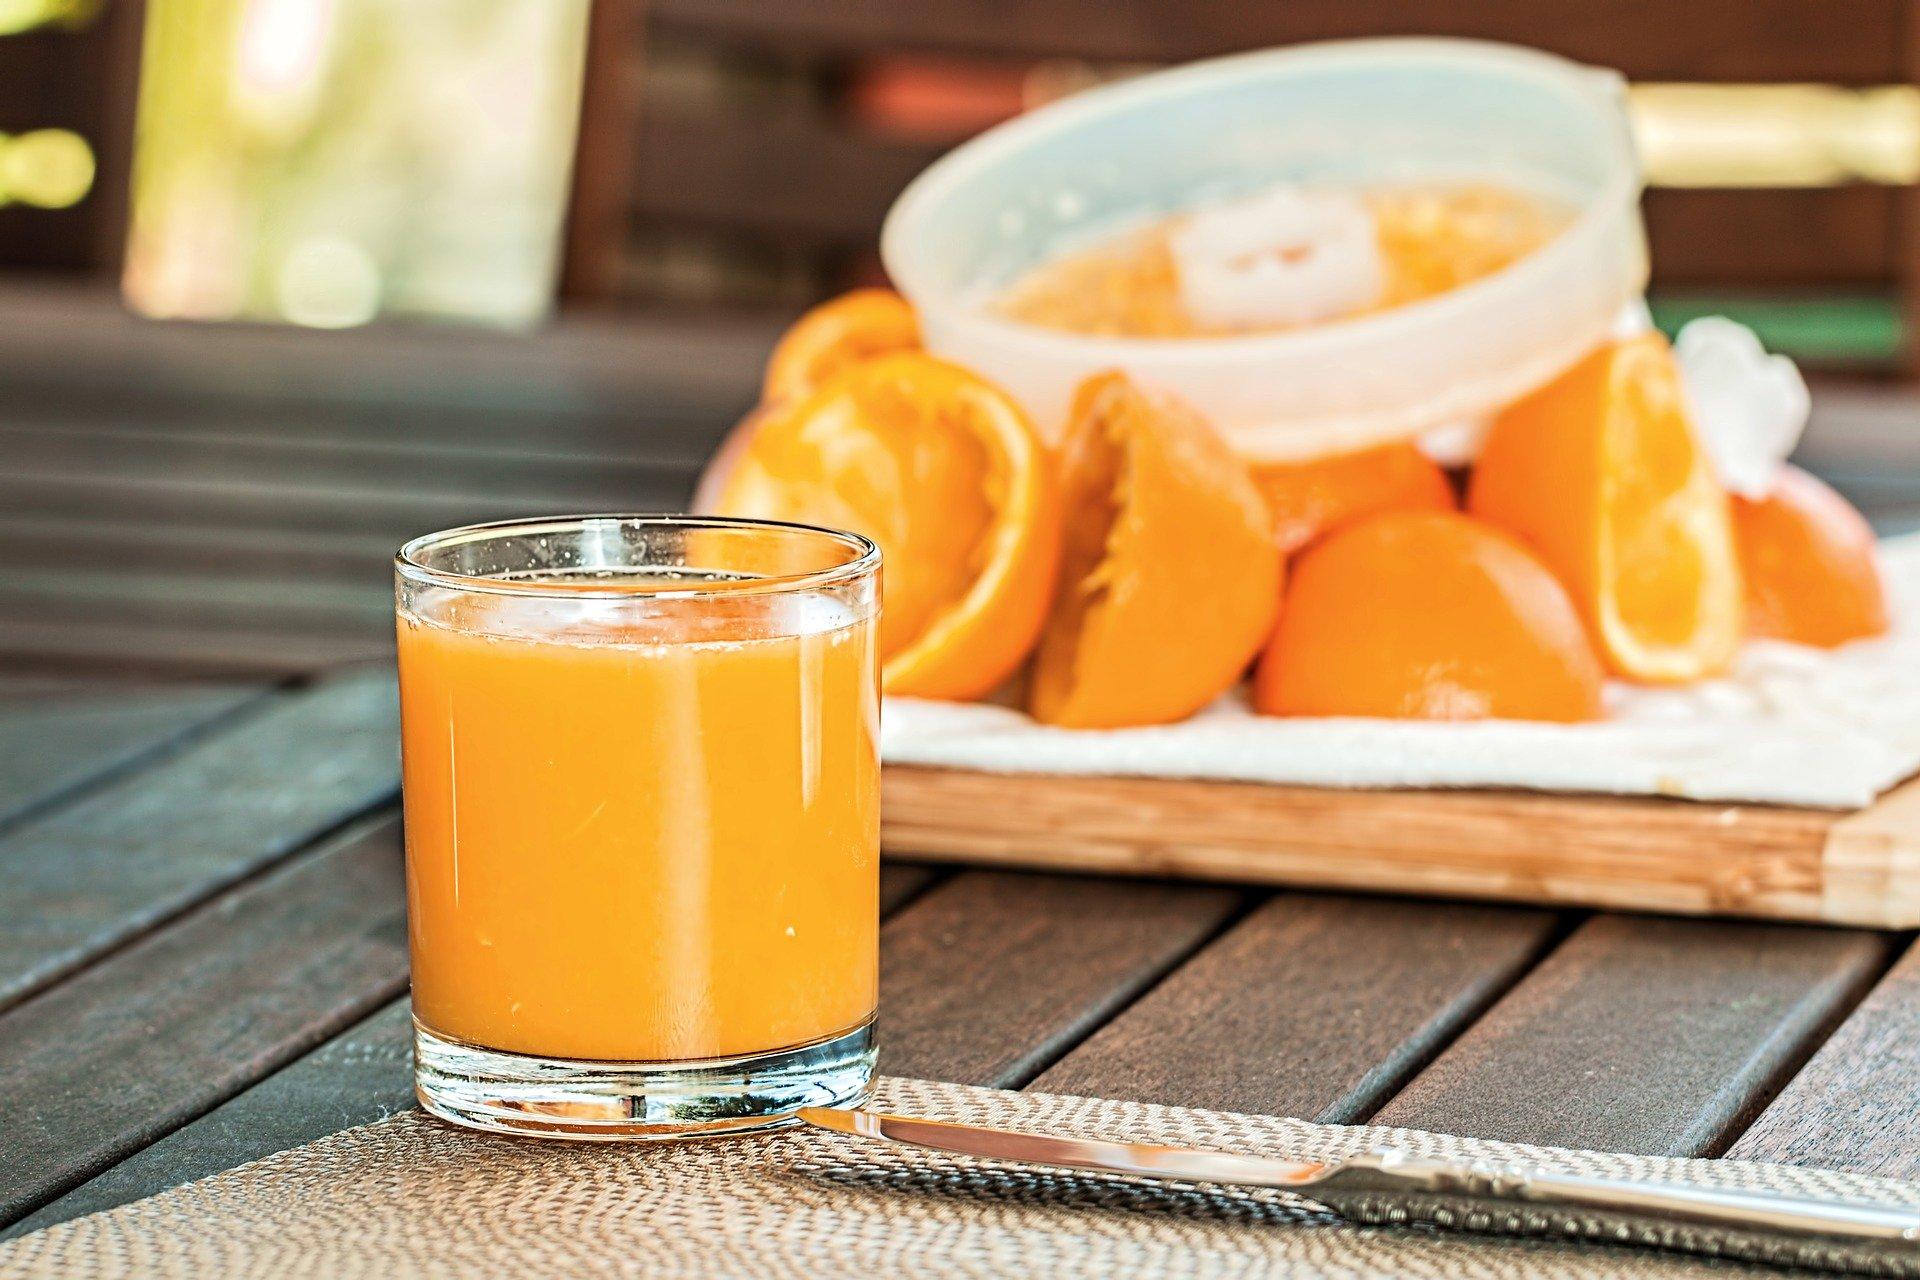 squarerooms-fresh-orange-juice-oranges-juicer-juicing-citrus-press